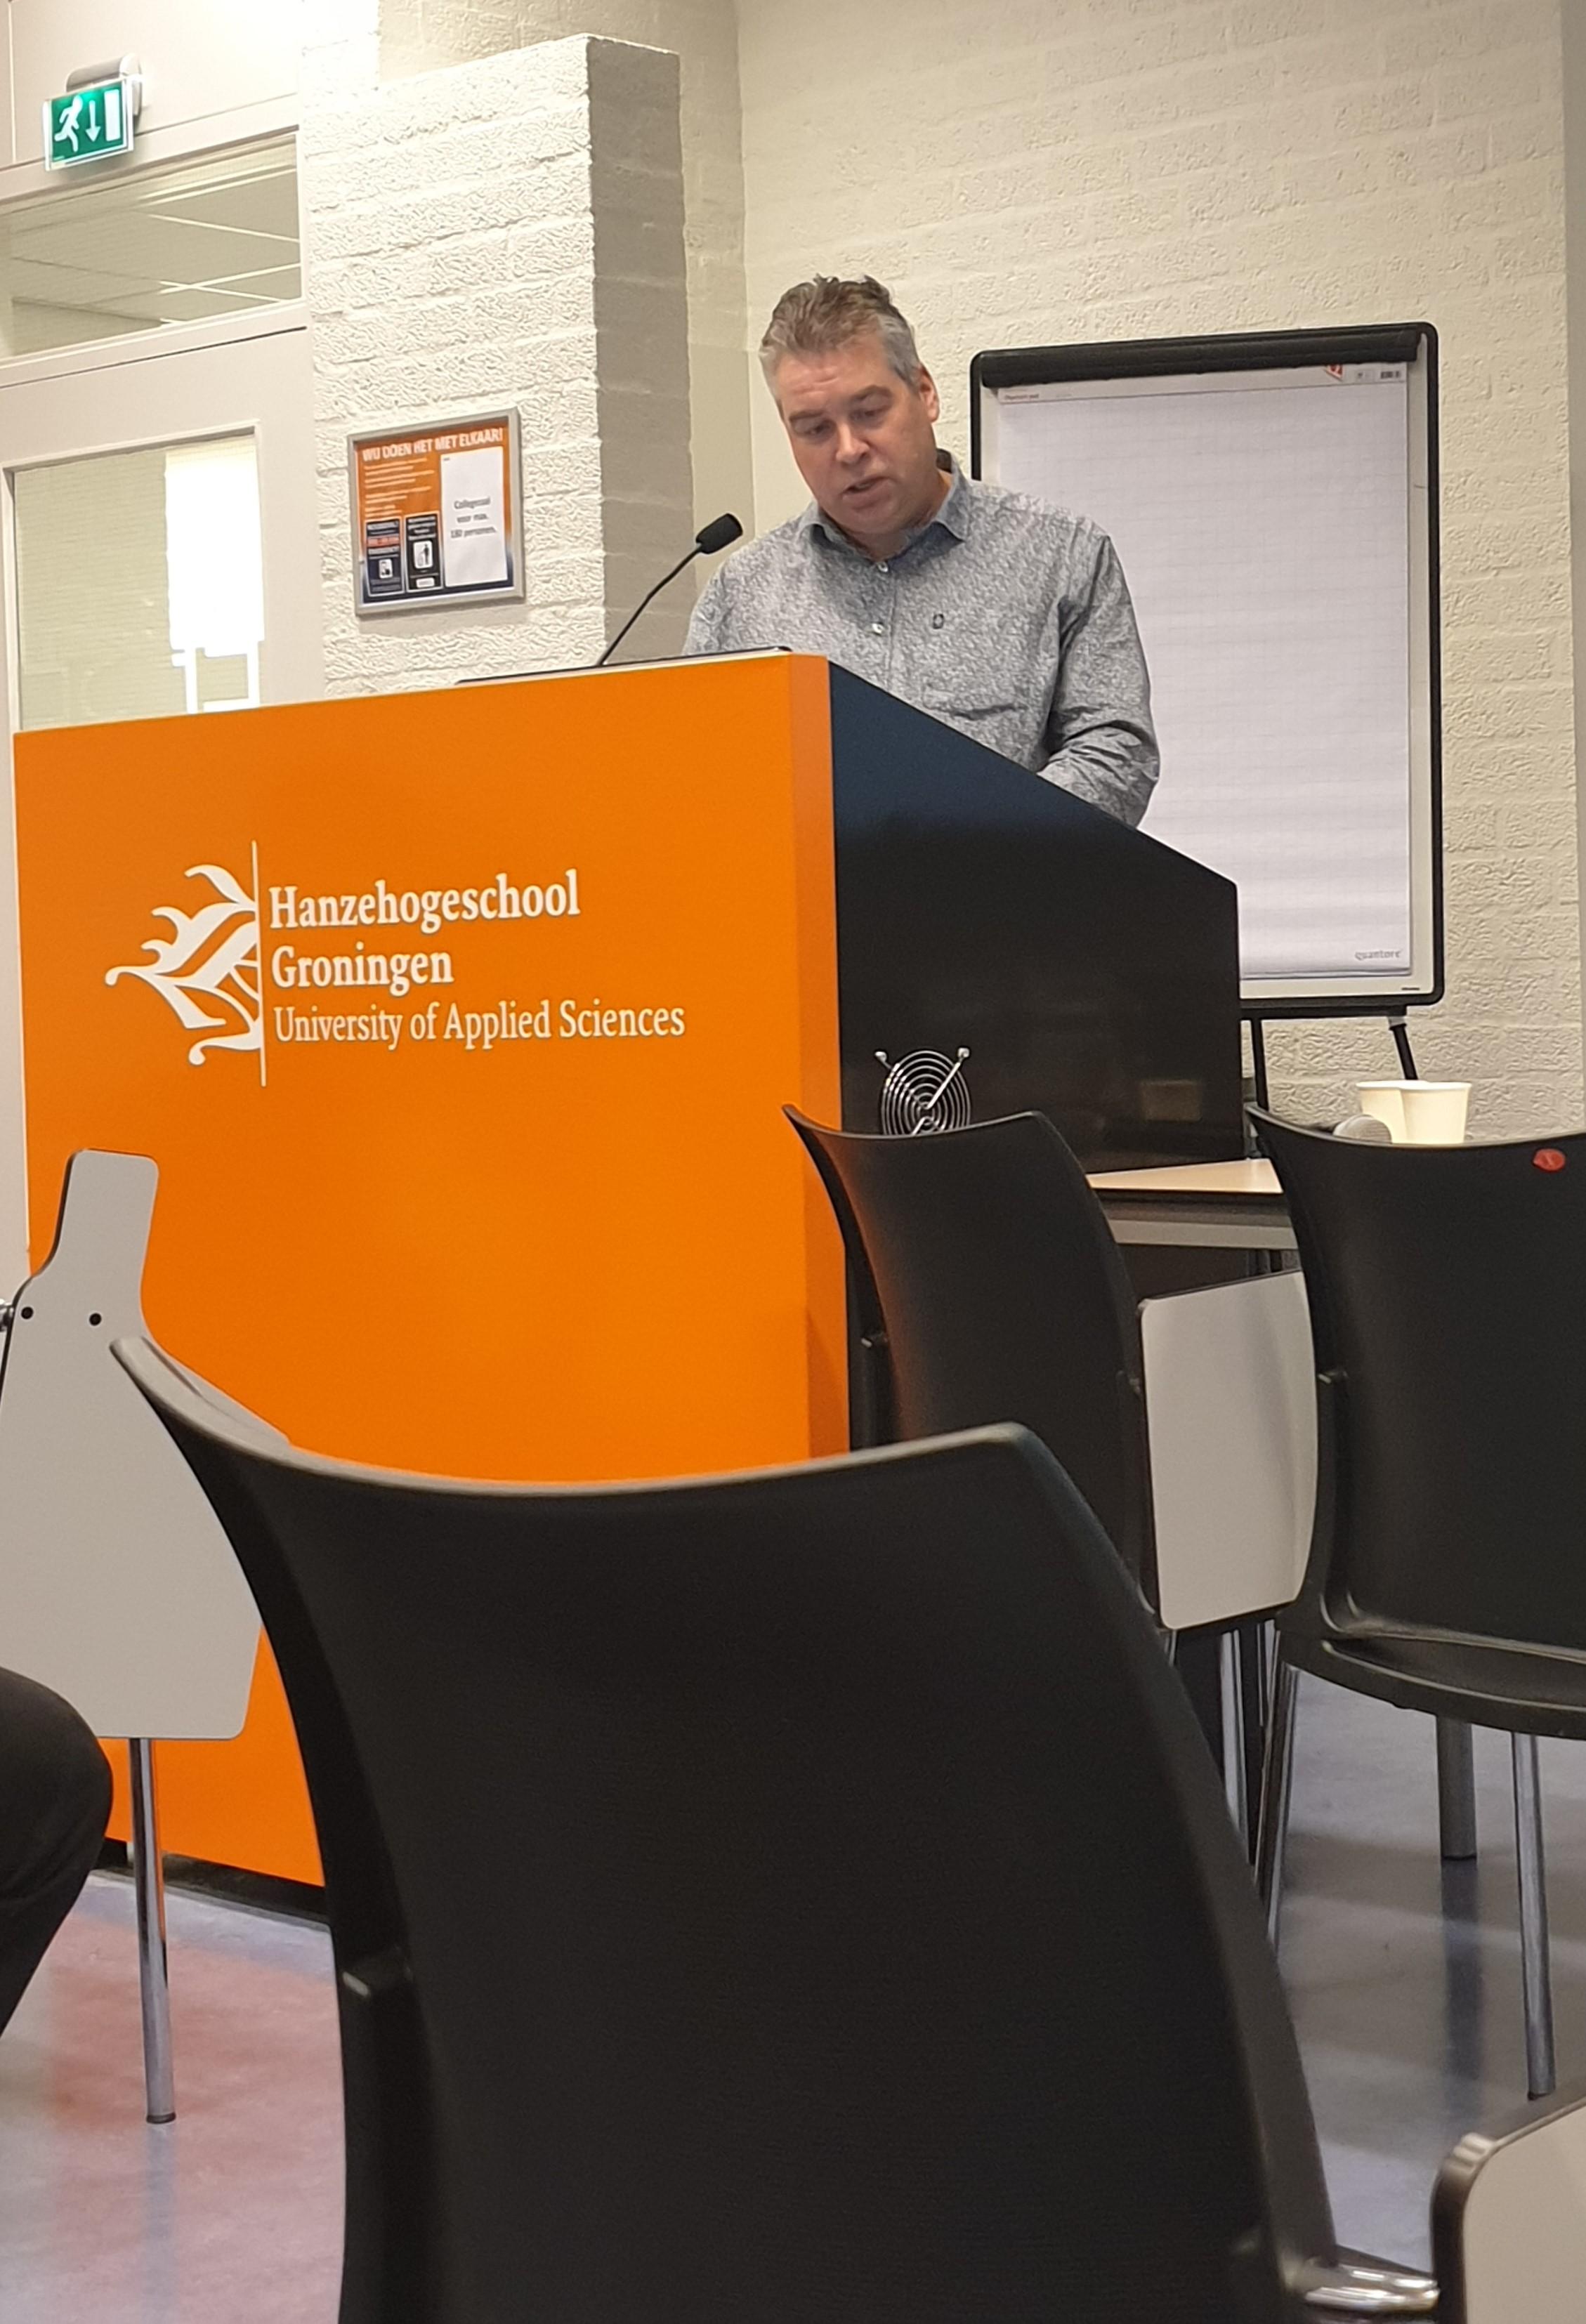 Uitgelezene Inclusief burgerschap Hanzehoge school Groningen - LFB OC-41